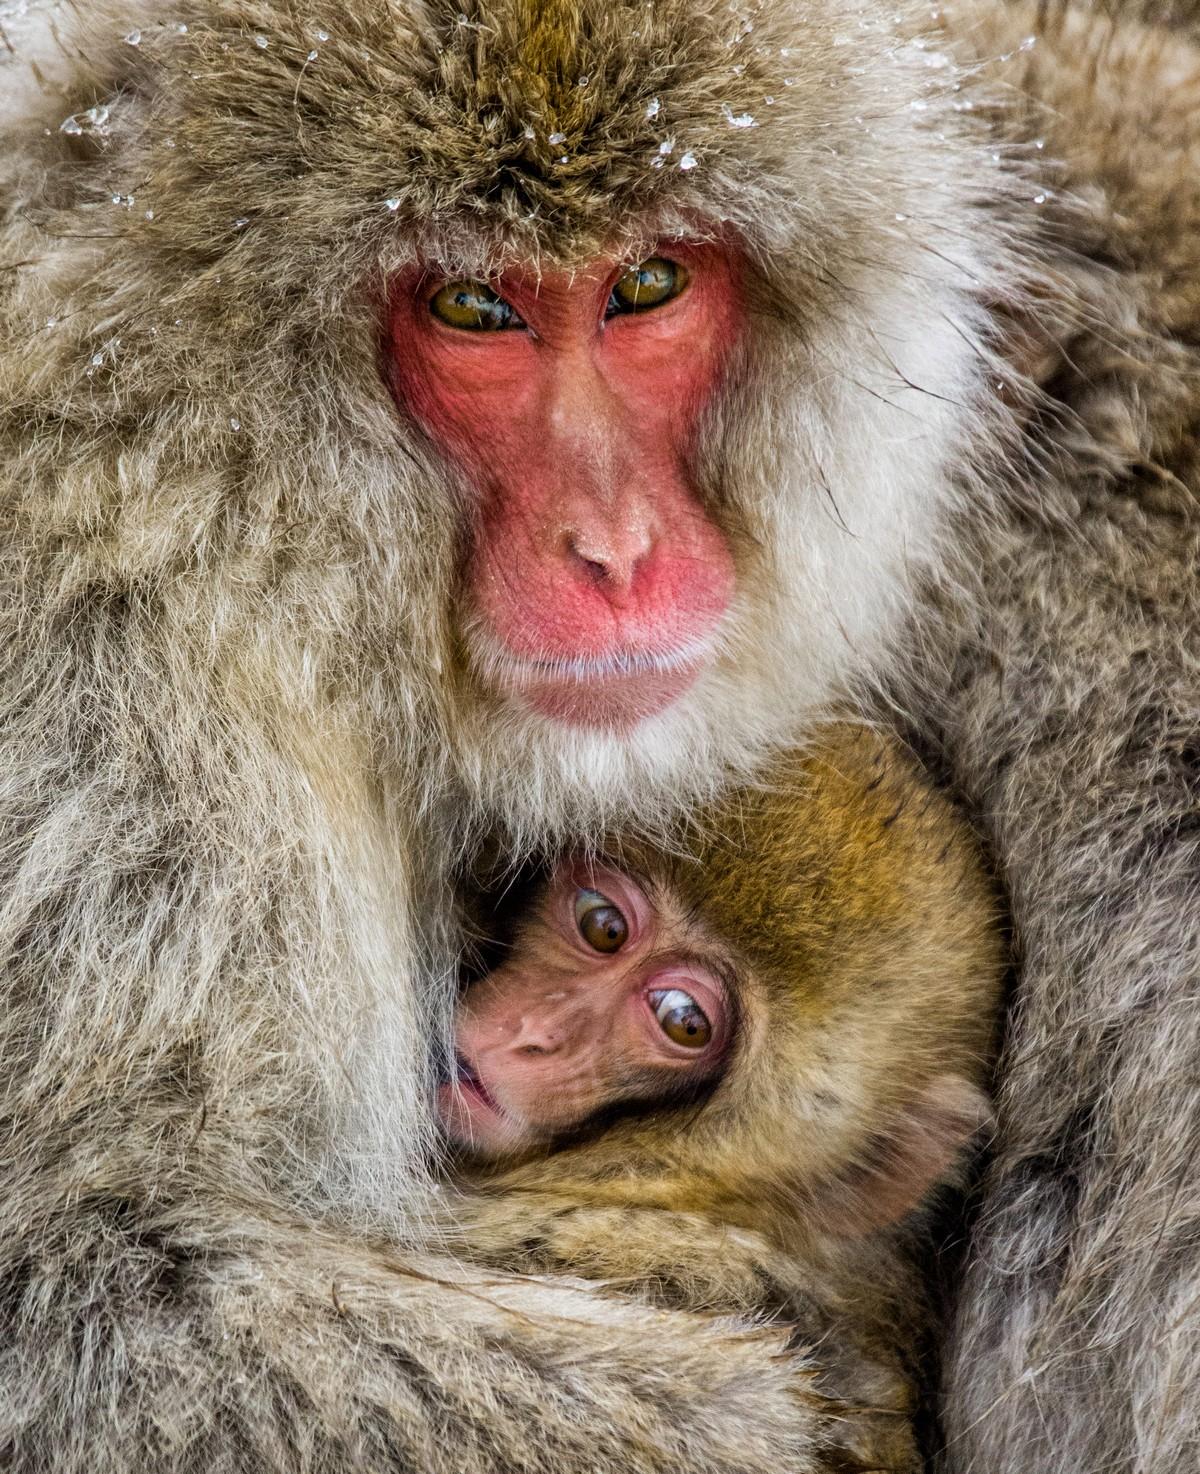 Андрей Гудков делает снимки диких животных в естественной среде обитания